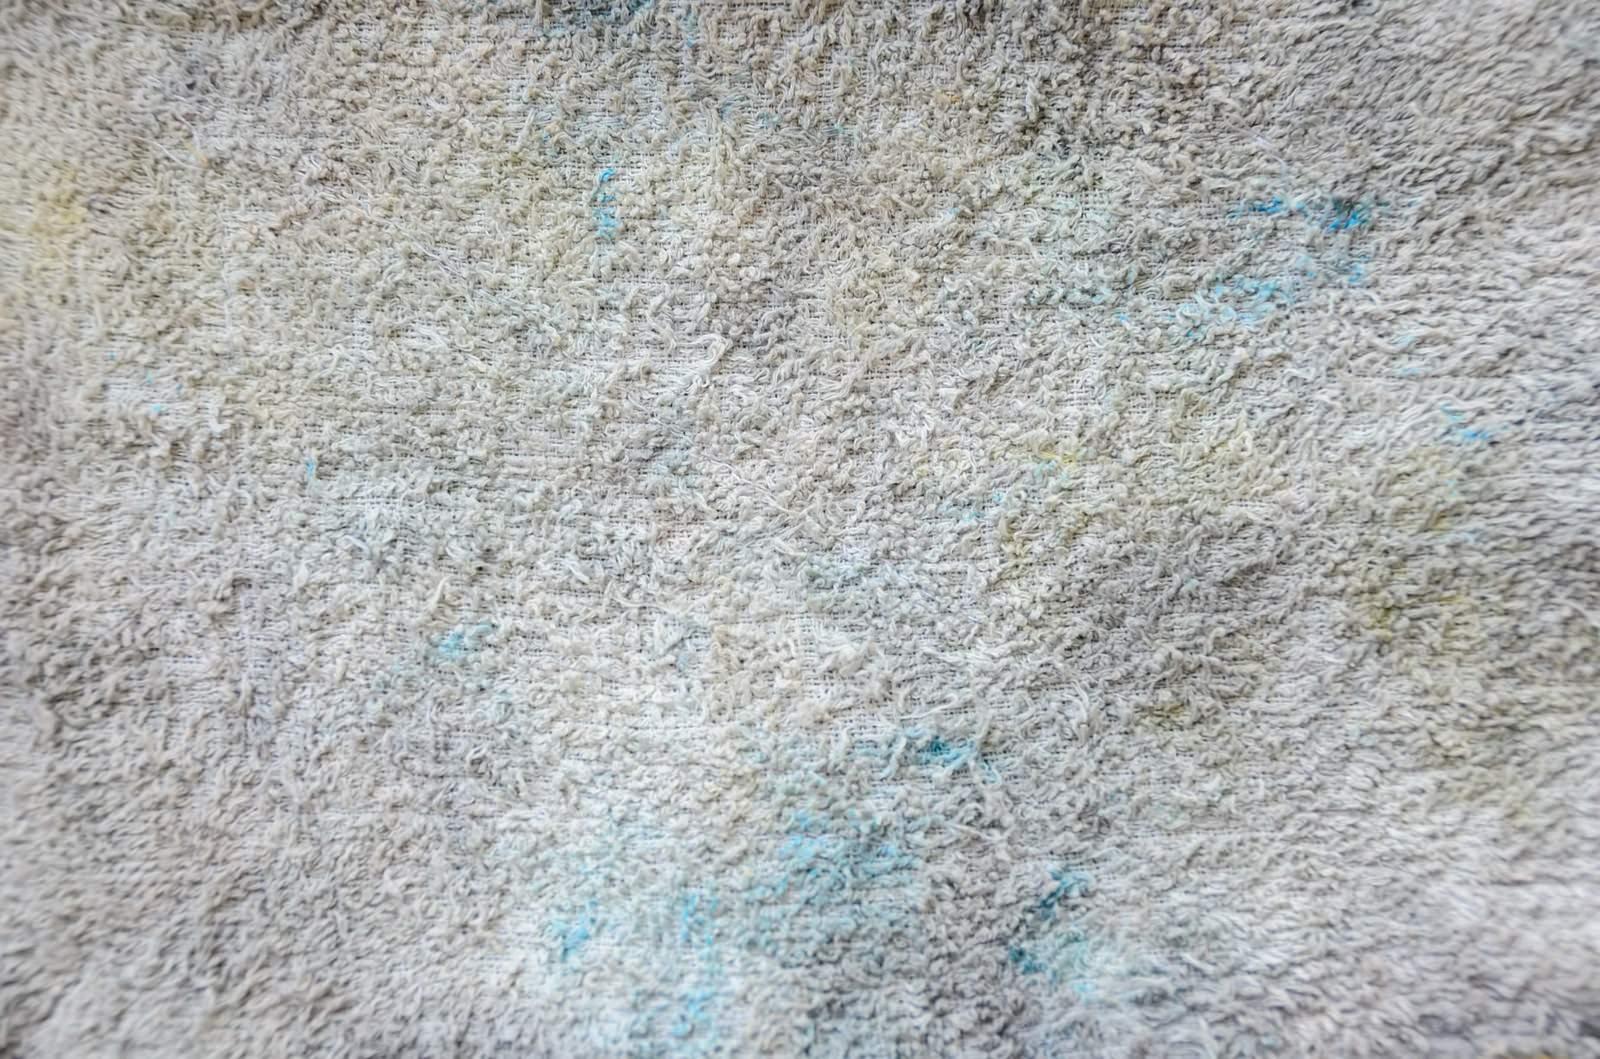 「汚れた雑巾のテクスチャー」の写真